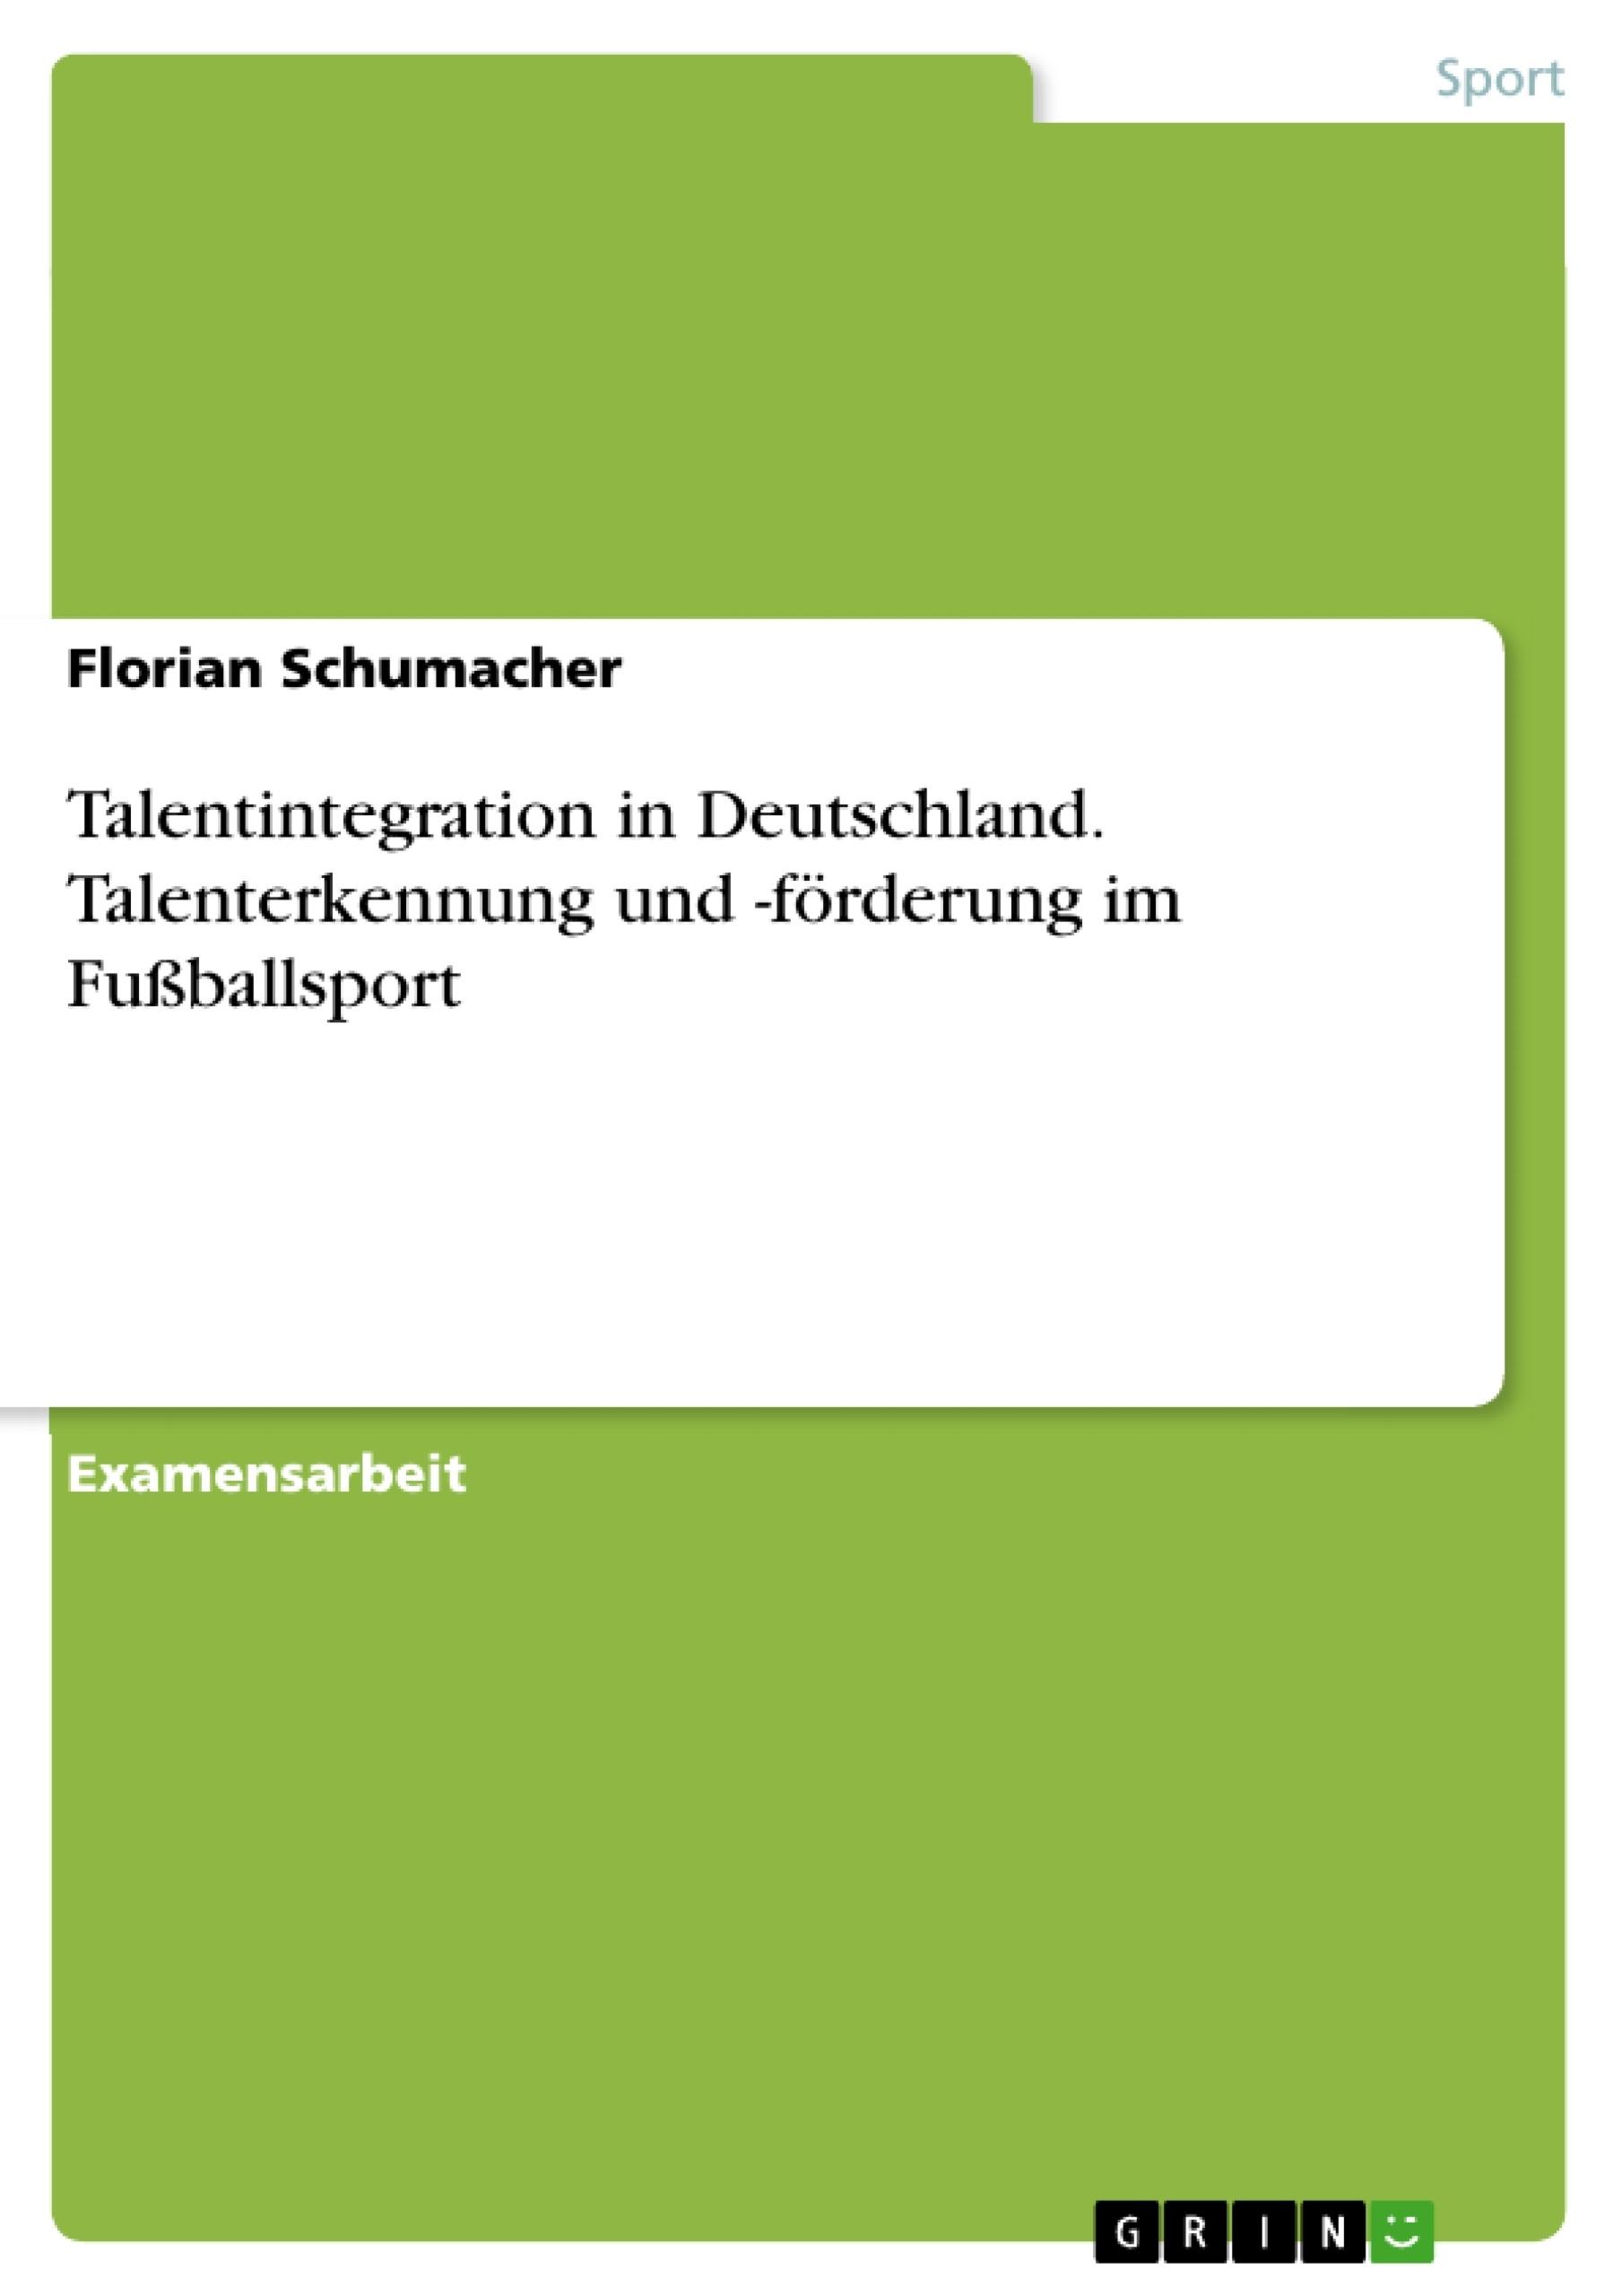 Titel: Talentintegration in Deutschland. Talenterkennung und -förderung im Fußballsport